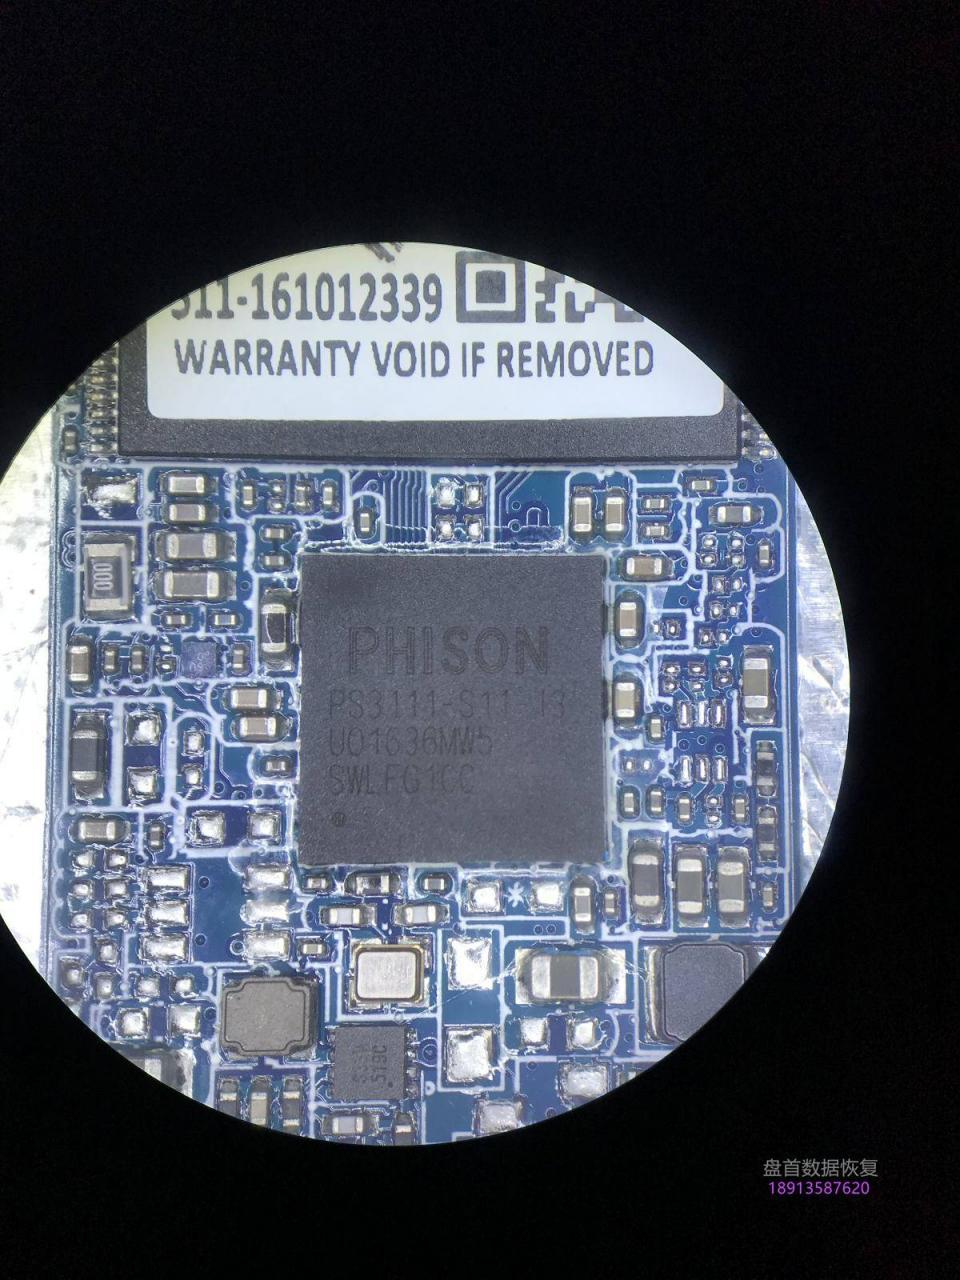 群联PHISON 128G固态识别成PS3111容量20M数据恢复成功